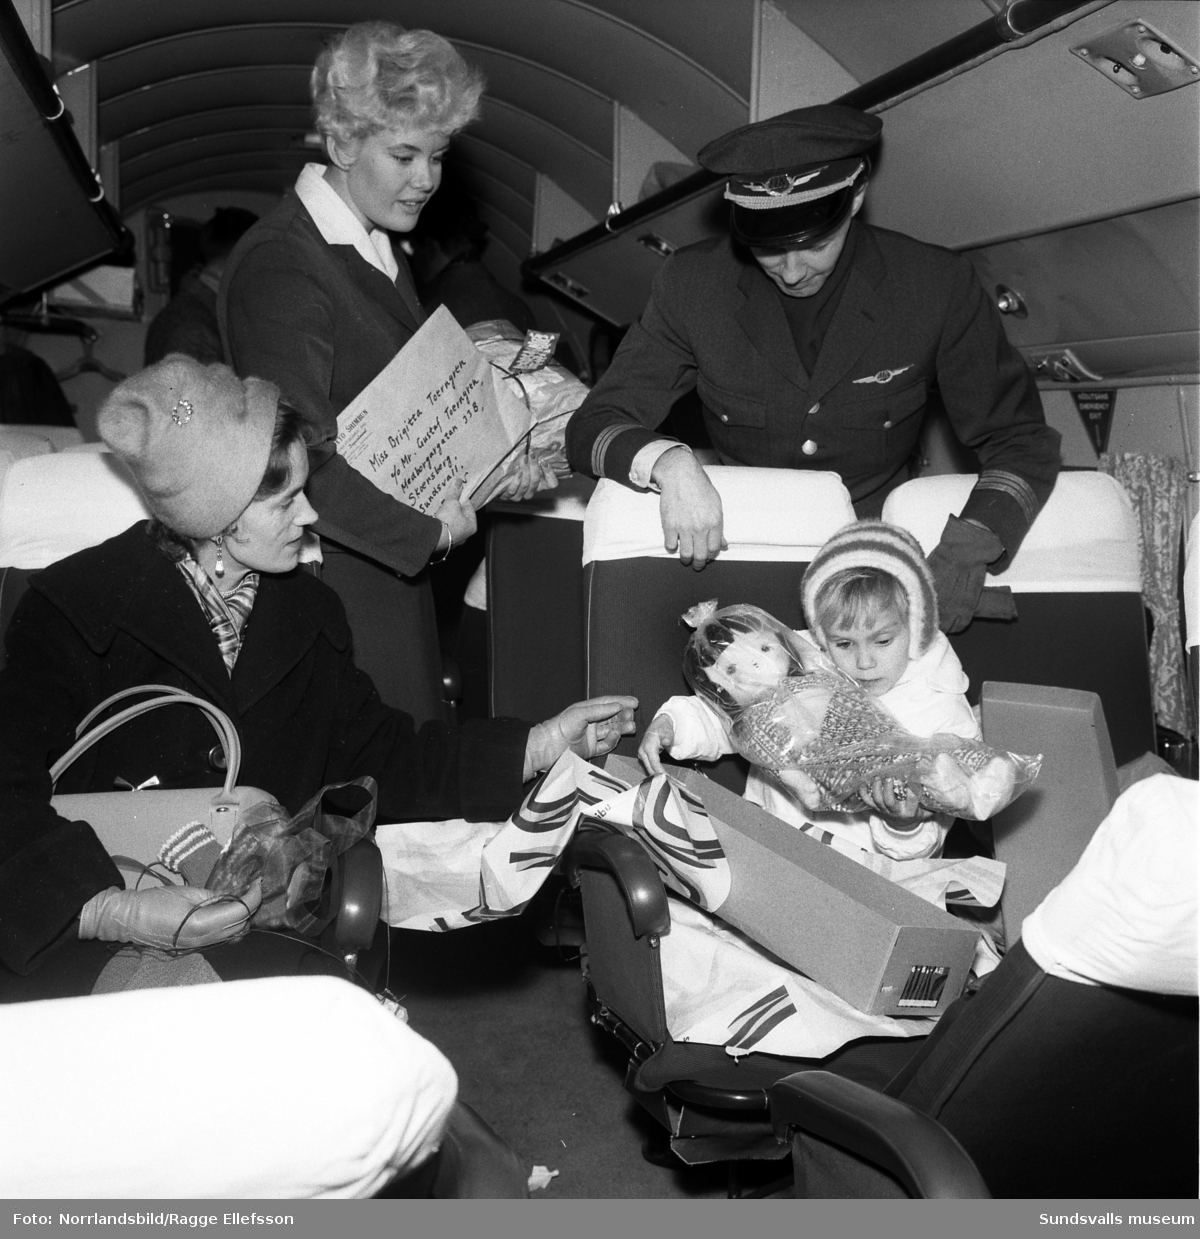 Fyraåriga Birgitta Törngren från Skönsberg har fått presenter från en jämnårig pojke i Tokyo, Emi-Chan. Presenterna levererades via en kedja av flygvärdinnor till Midlanda flygplats och på första bilden ses, förutom Birgitta med sin nya japanska docka, mamma Ingegerd Törngren, flygvärdinnan Clary Qvarford och stationschef Kjell Larsson. Övriga bilder är från hemmet i Skönsberg.